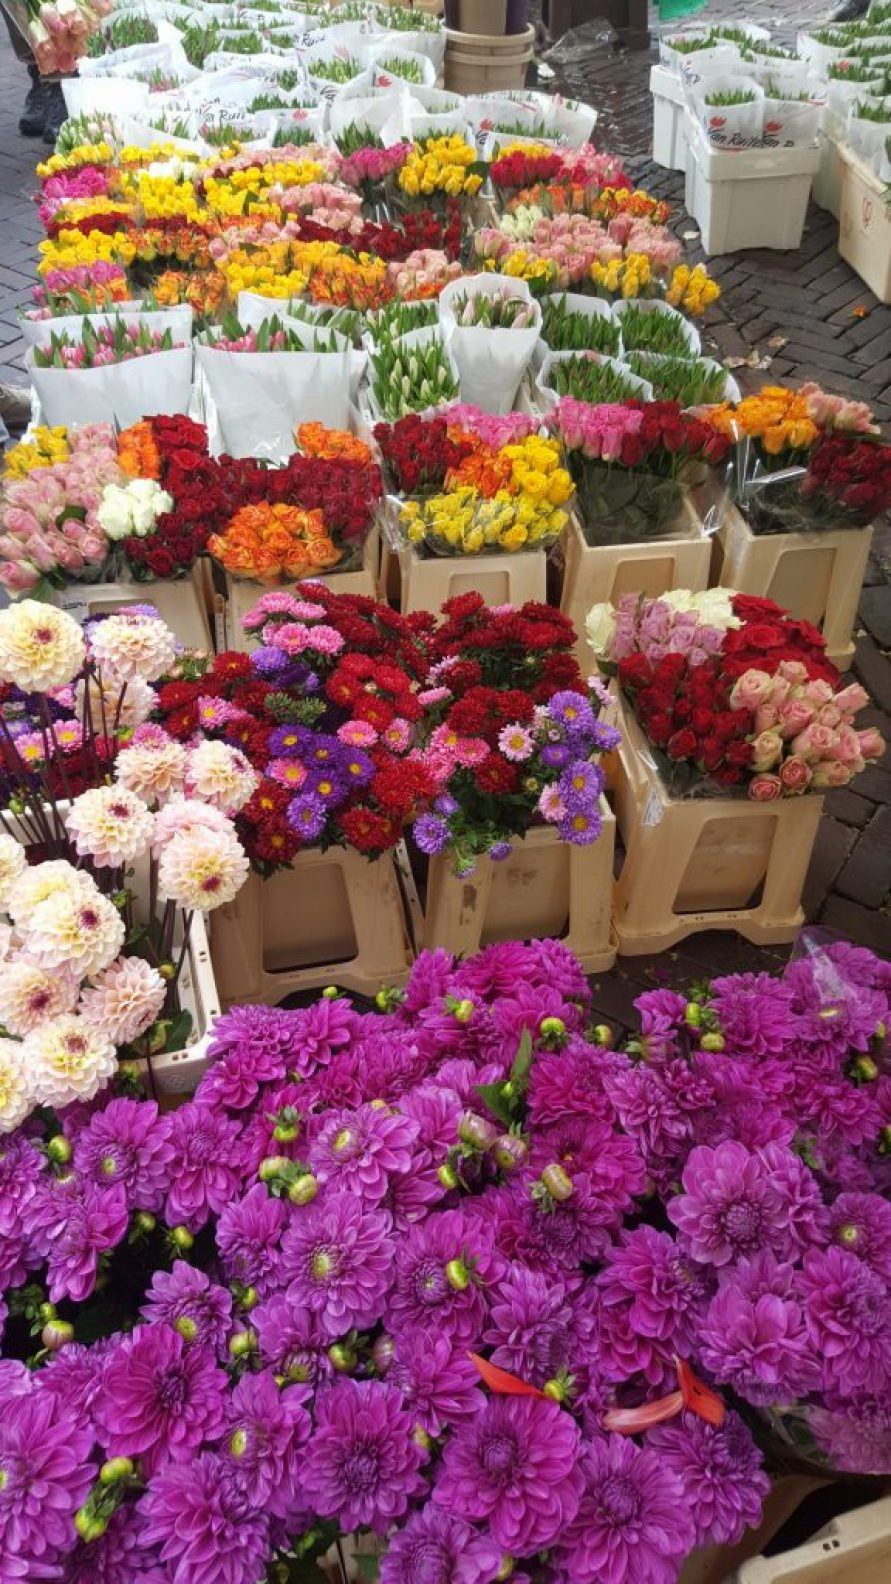 marché aux fleurs Utrecht